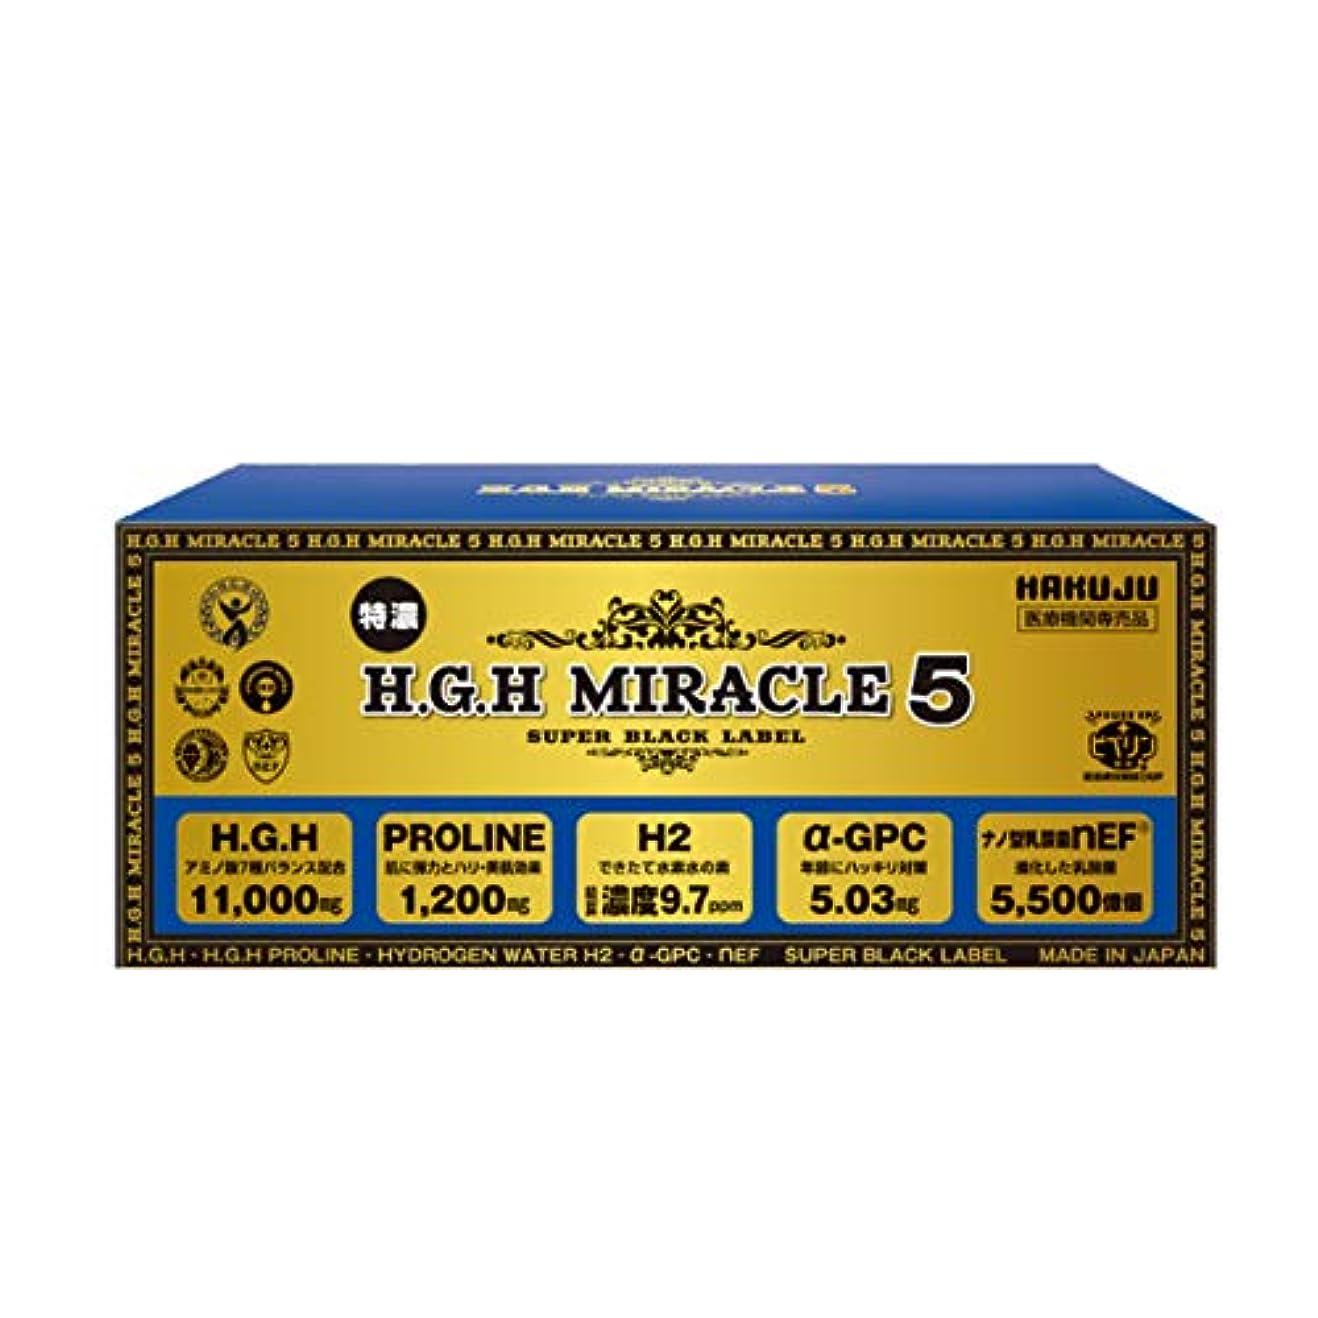 酔っ払い暗殺する寄り添うH.G.H MIRACLE5 ~SUPRER BLACK LABEL~ 17g×31袋入